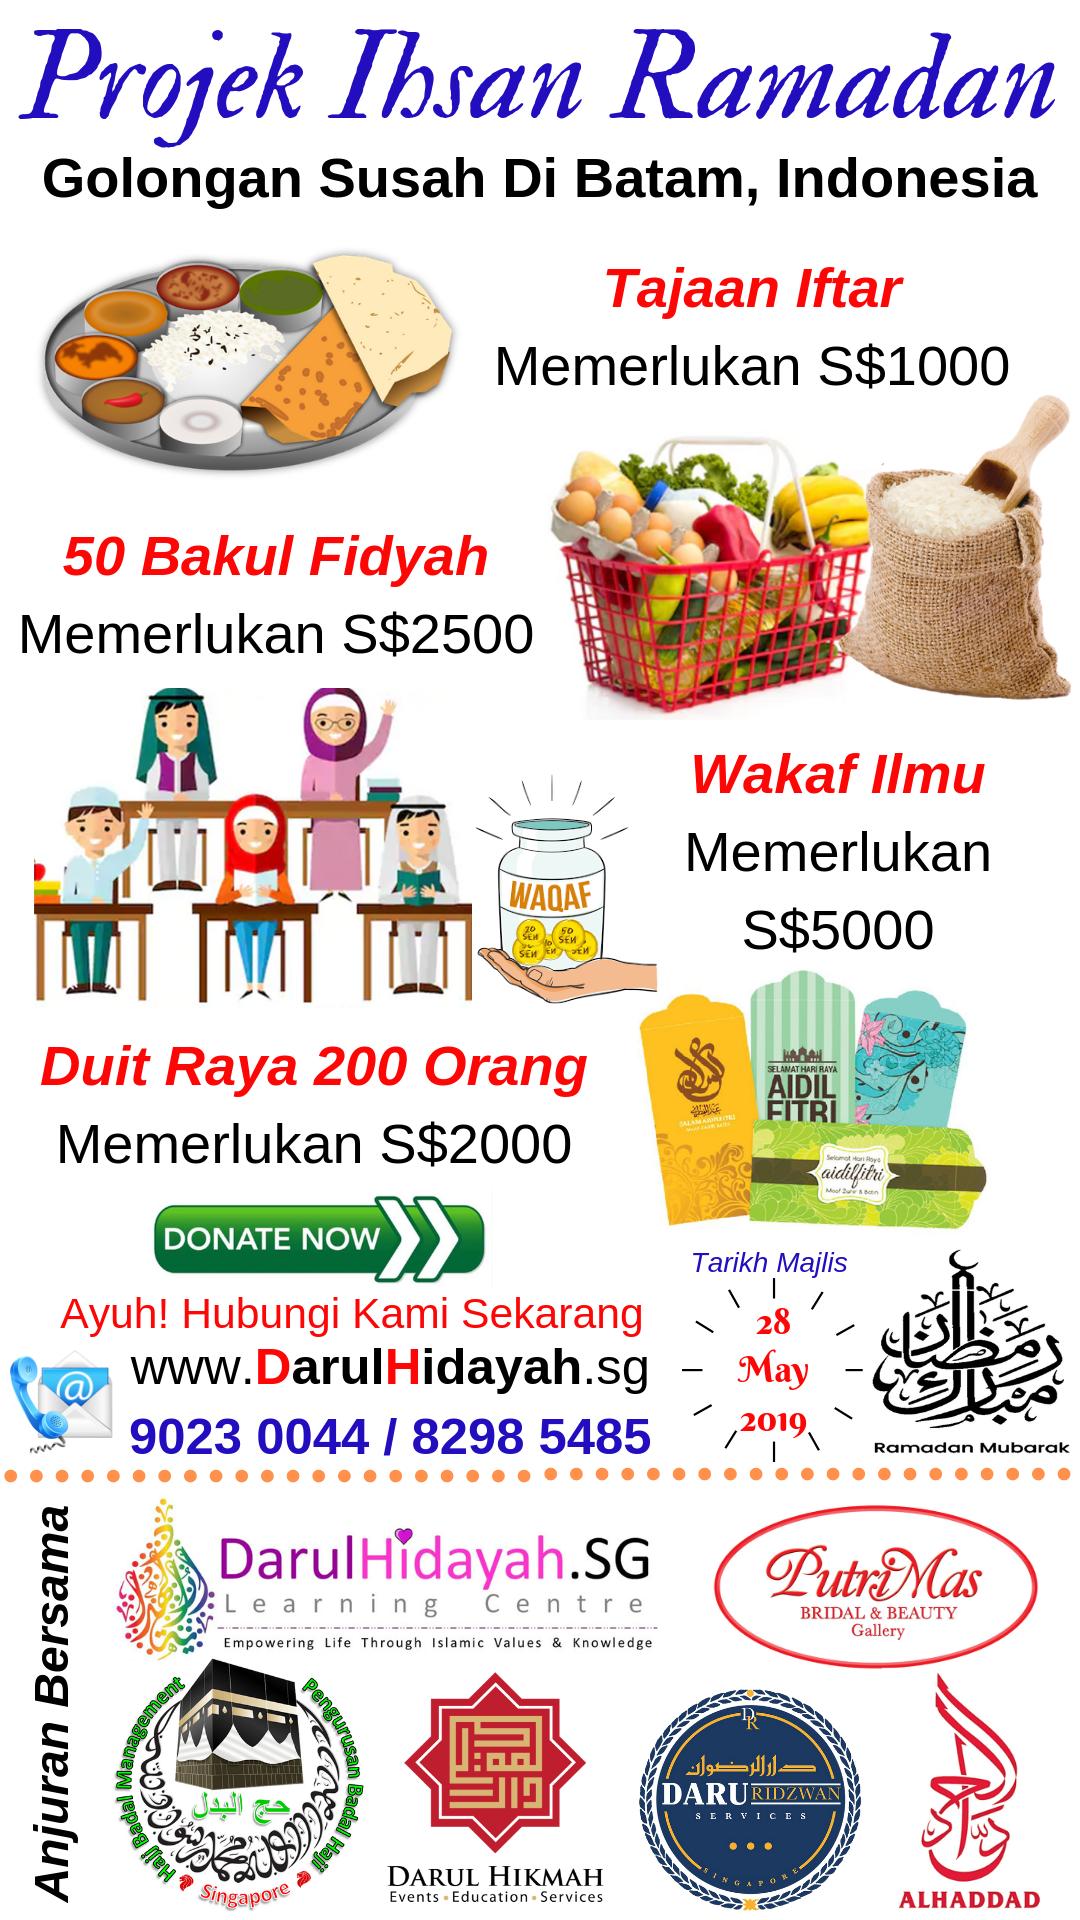 Projek Ihsan Ramadan Batam 2019